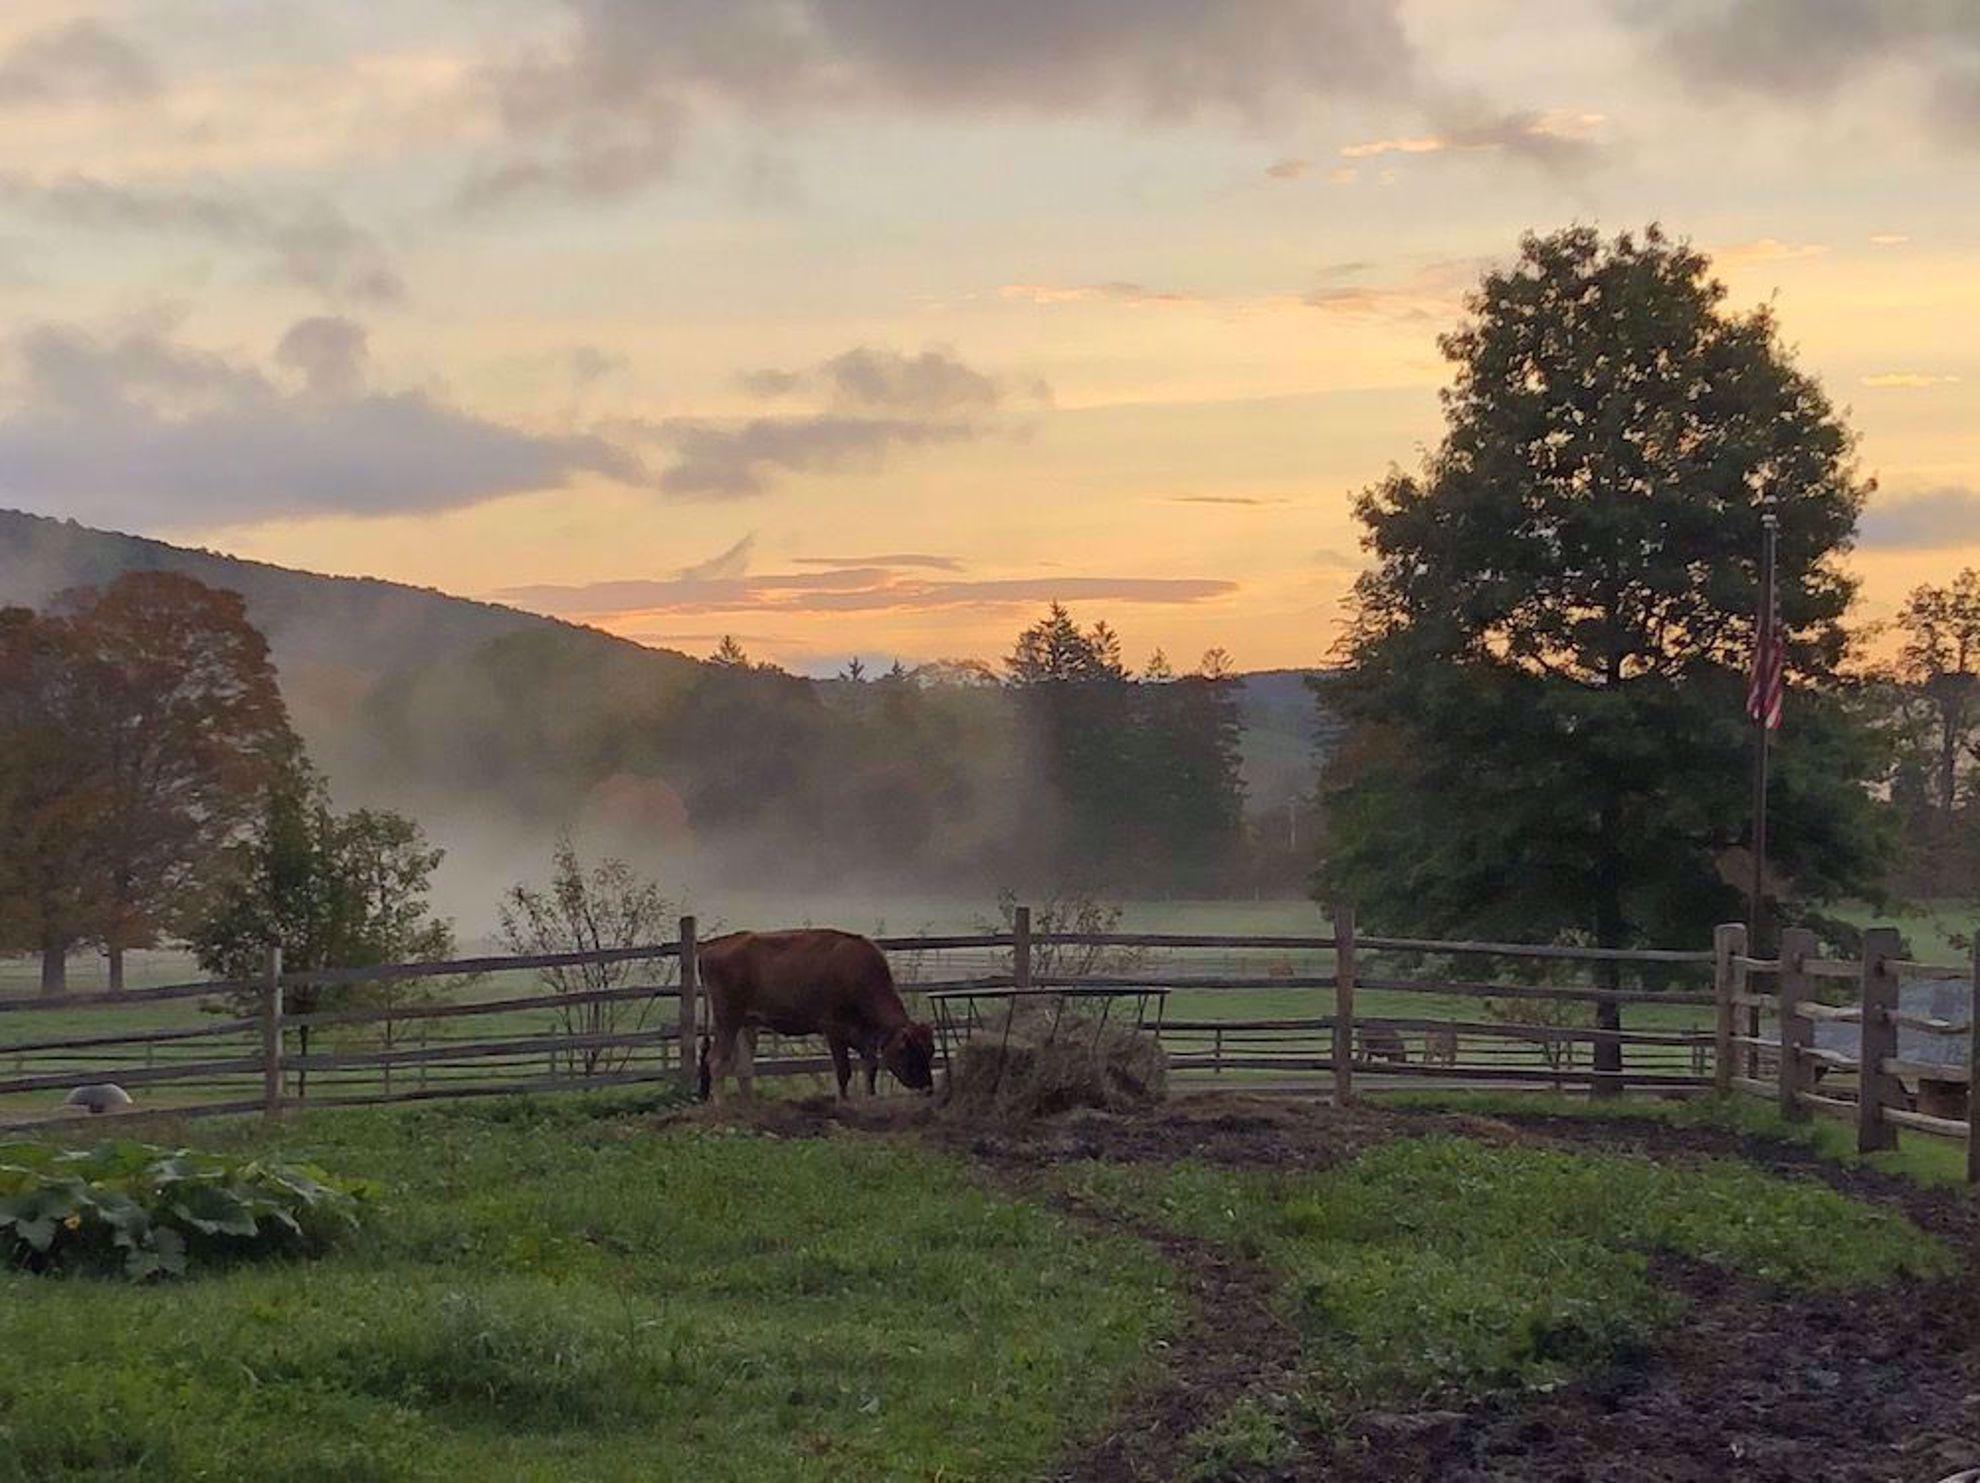 Billings Farm in Woodstock